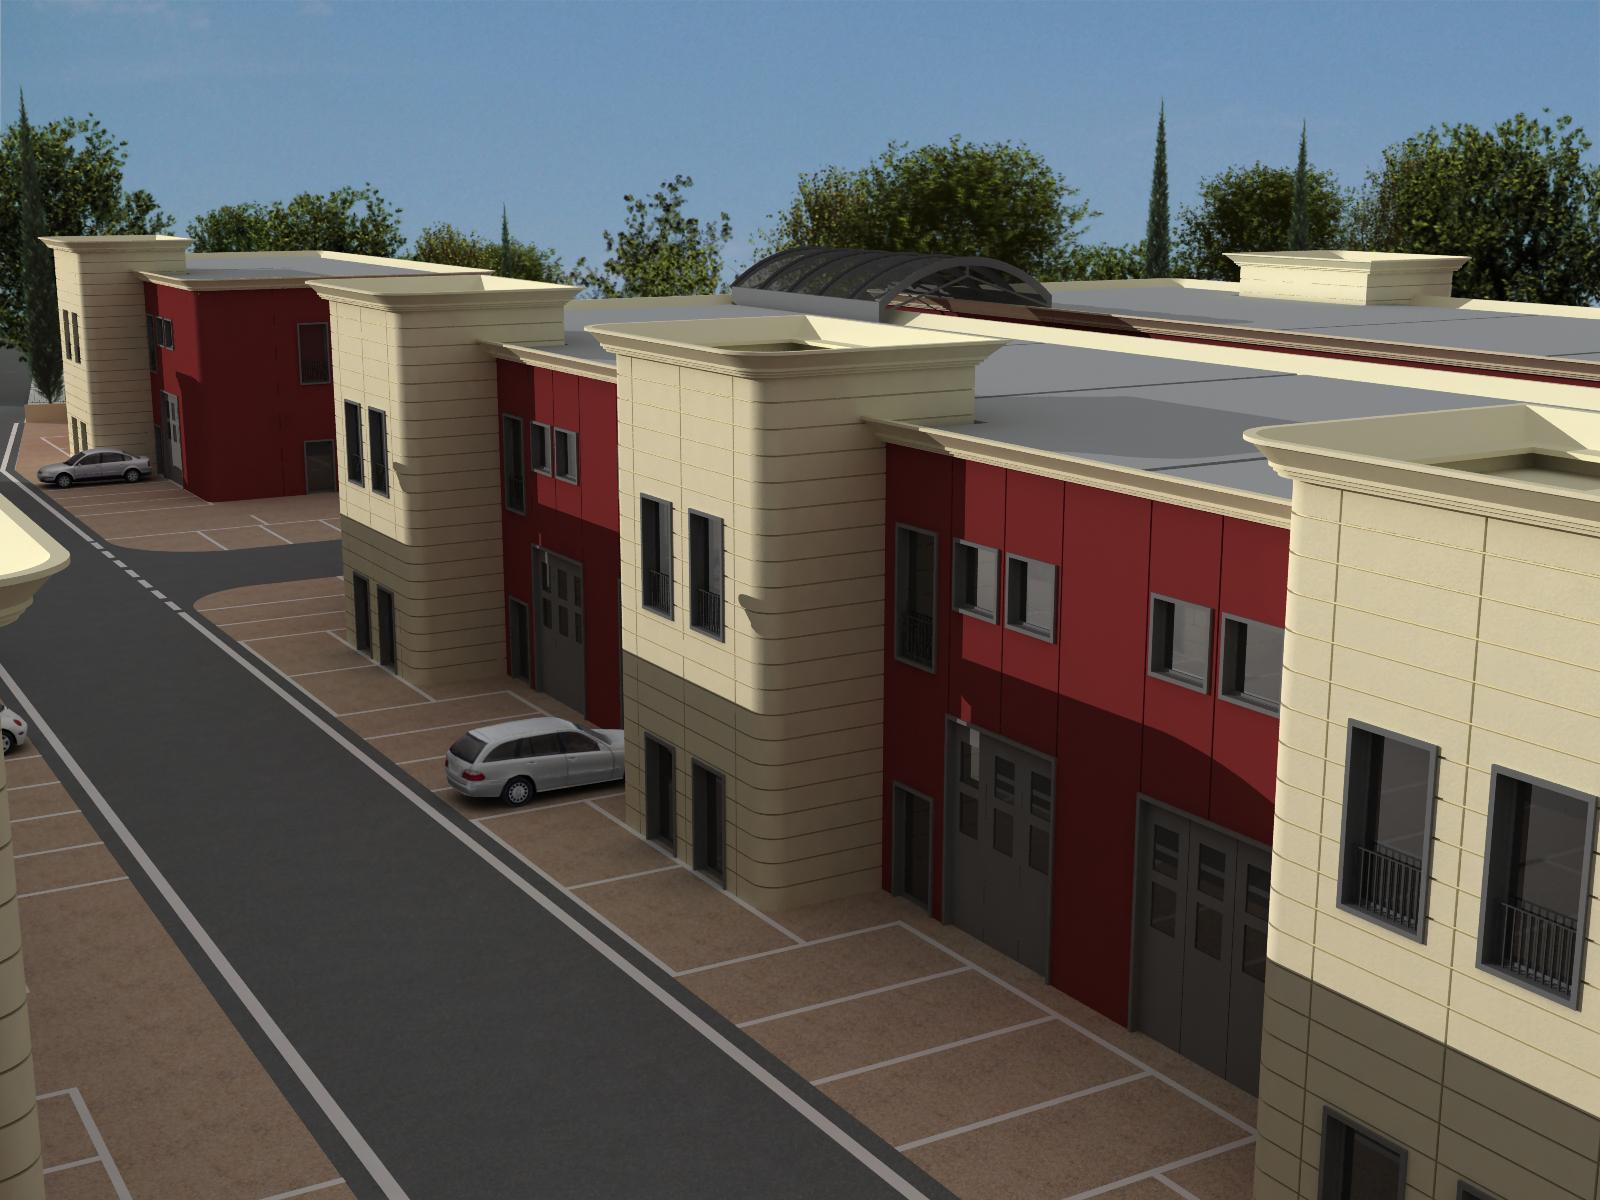 nuova-costruzione-di-fabbricati-artigianali-in-lucca-frazione-di-san-filippo-image-6